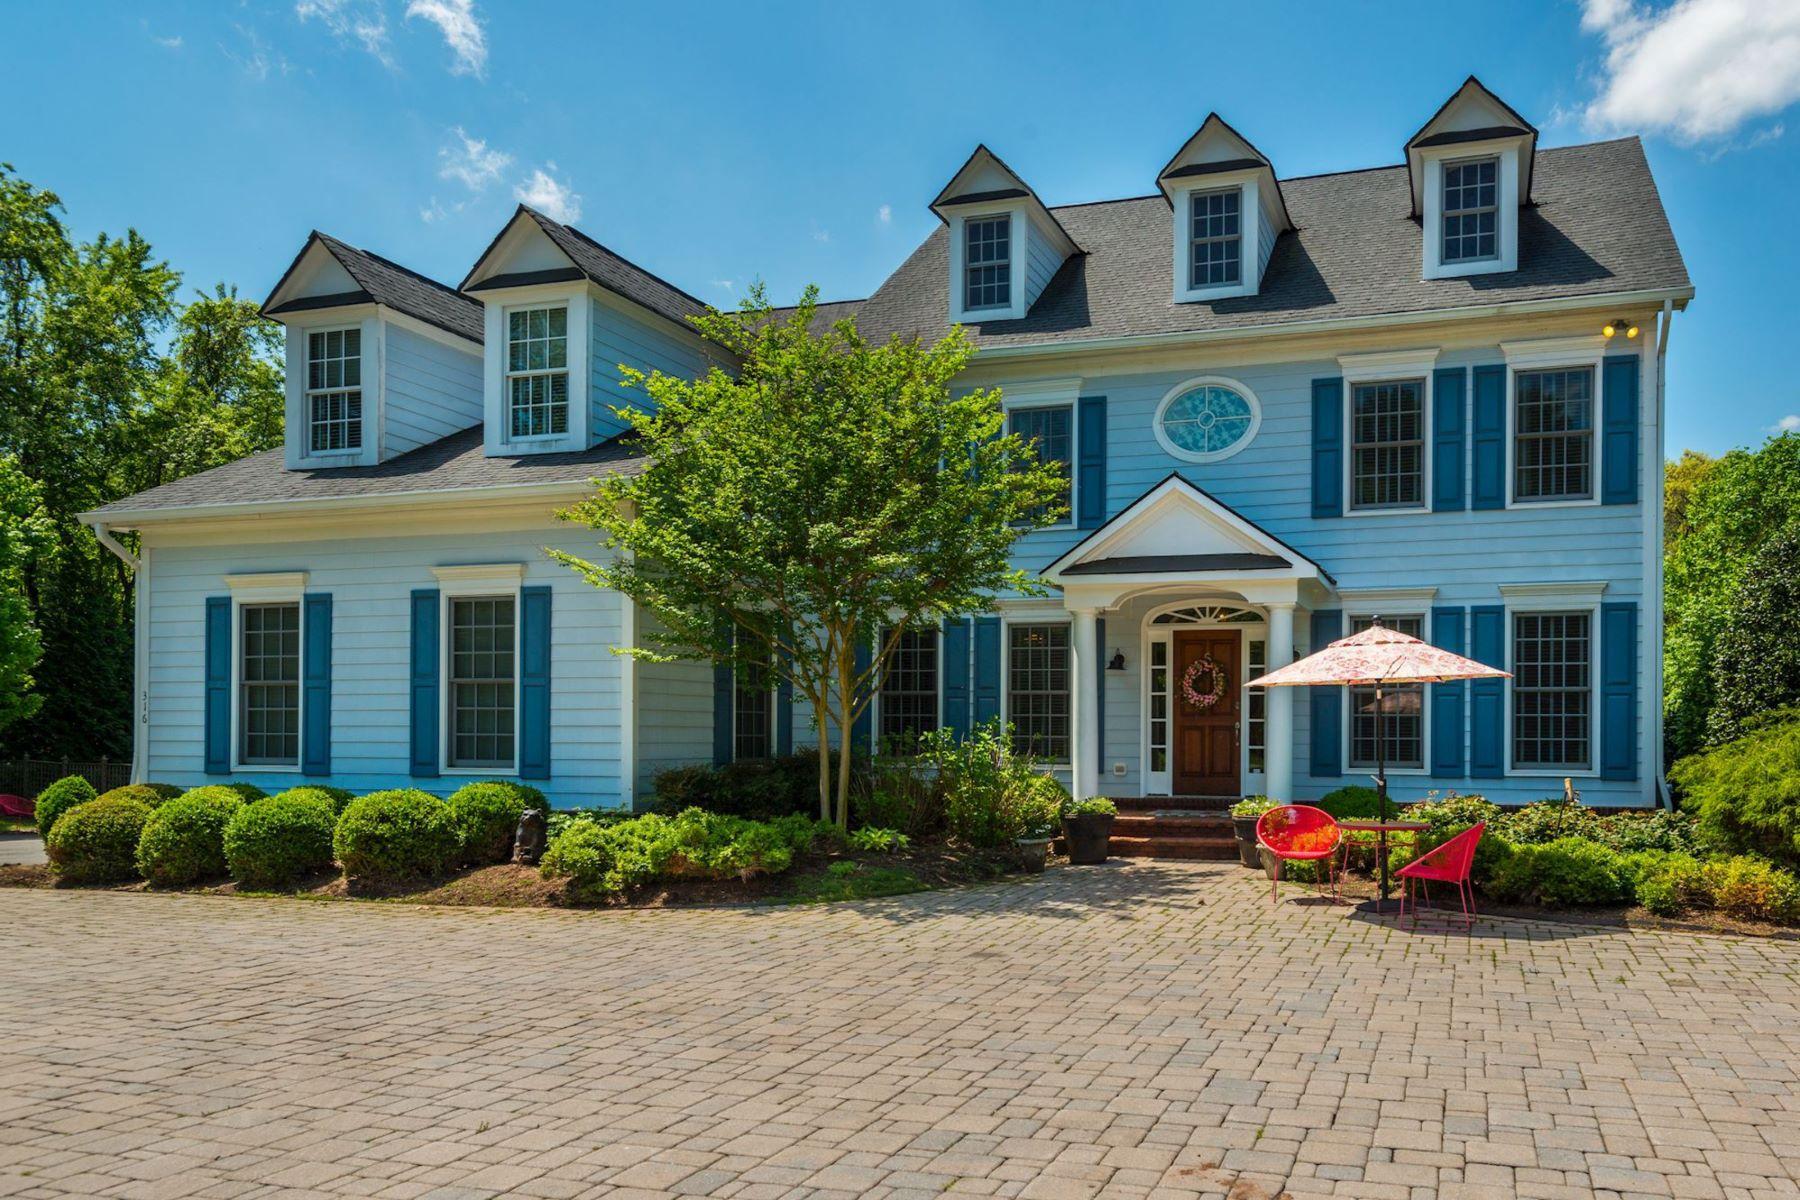 Maison unifamiliale pour l Vente à 316 River Bend Road, Great Falls 316 River Bend Rd Great Falls, Virginia, 22066 États-Unis